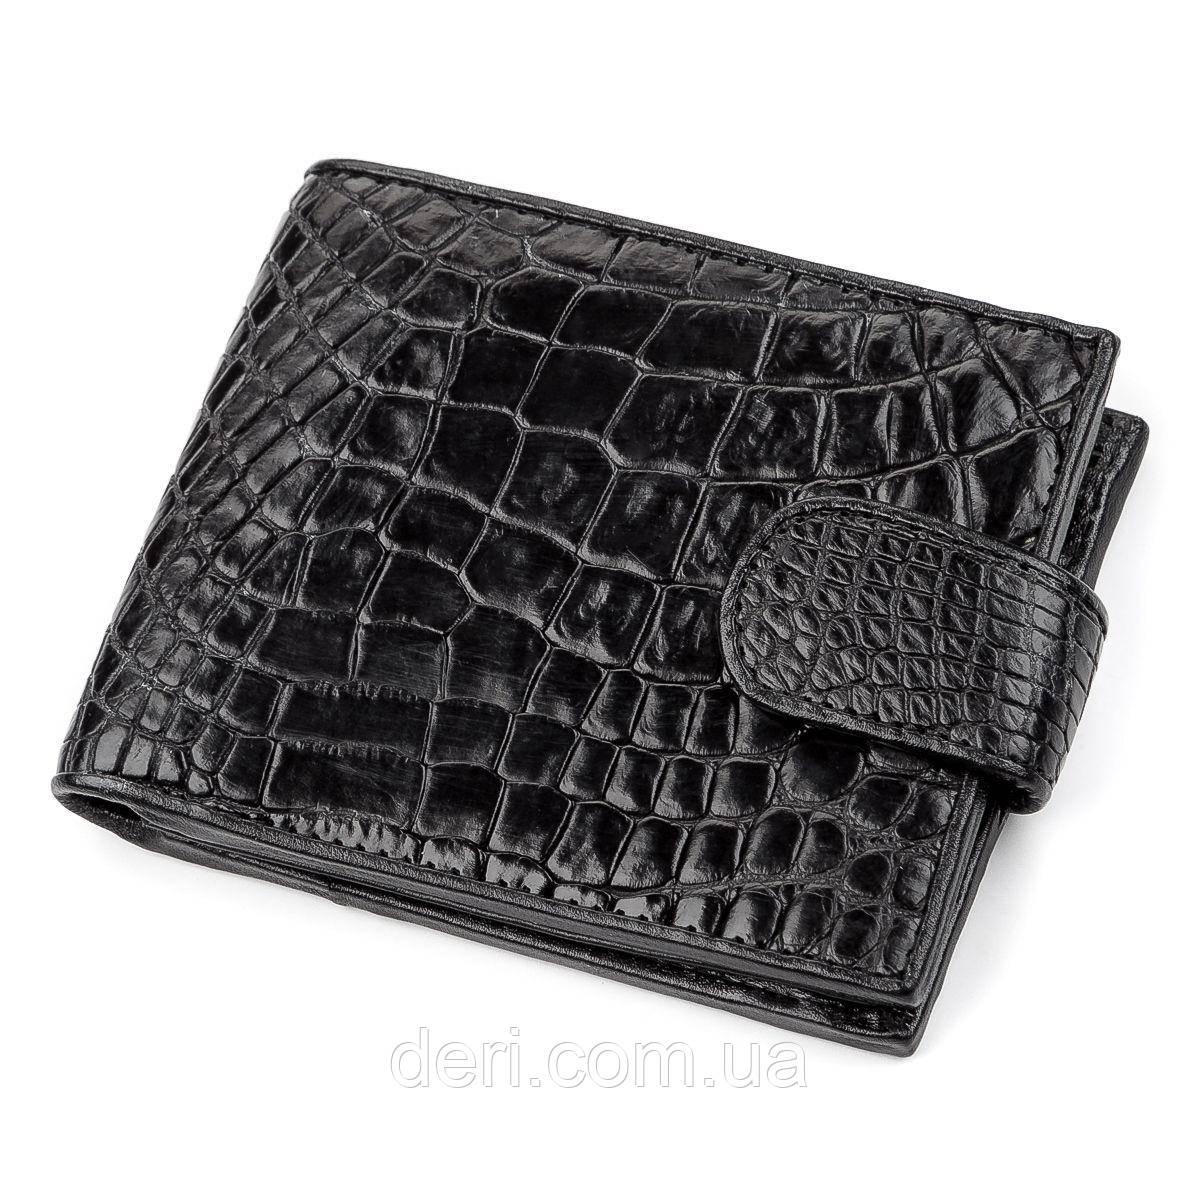 Кошелек CROCODILE LEATHER  из натуральной кожи крокодила Черный, Черный